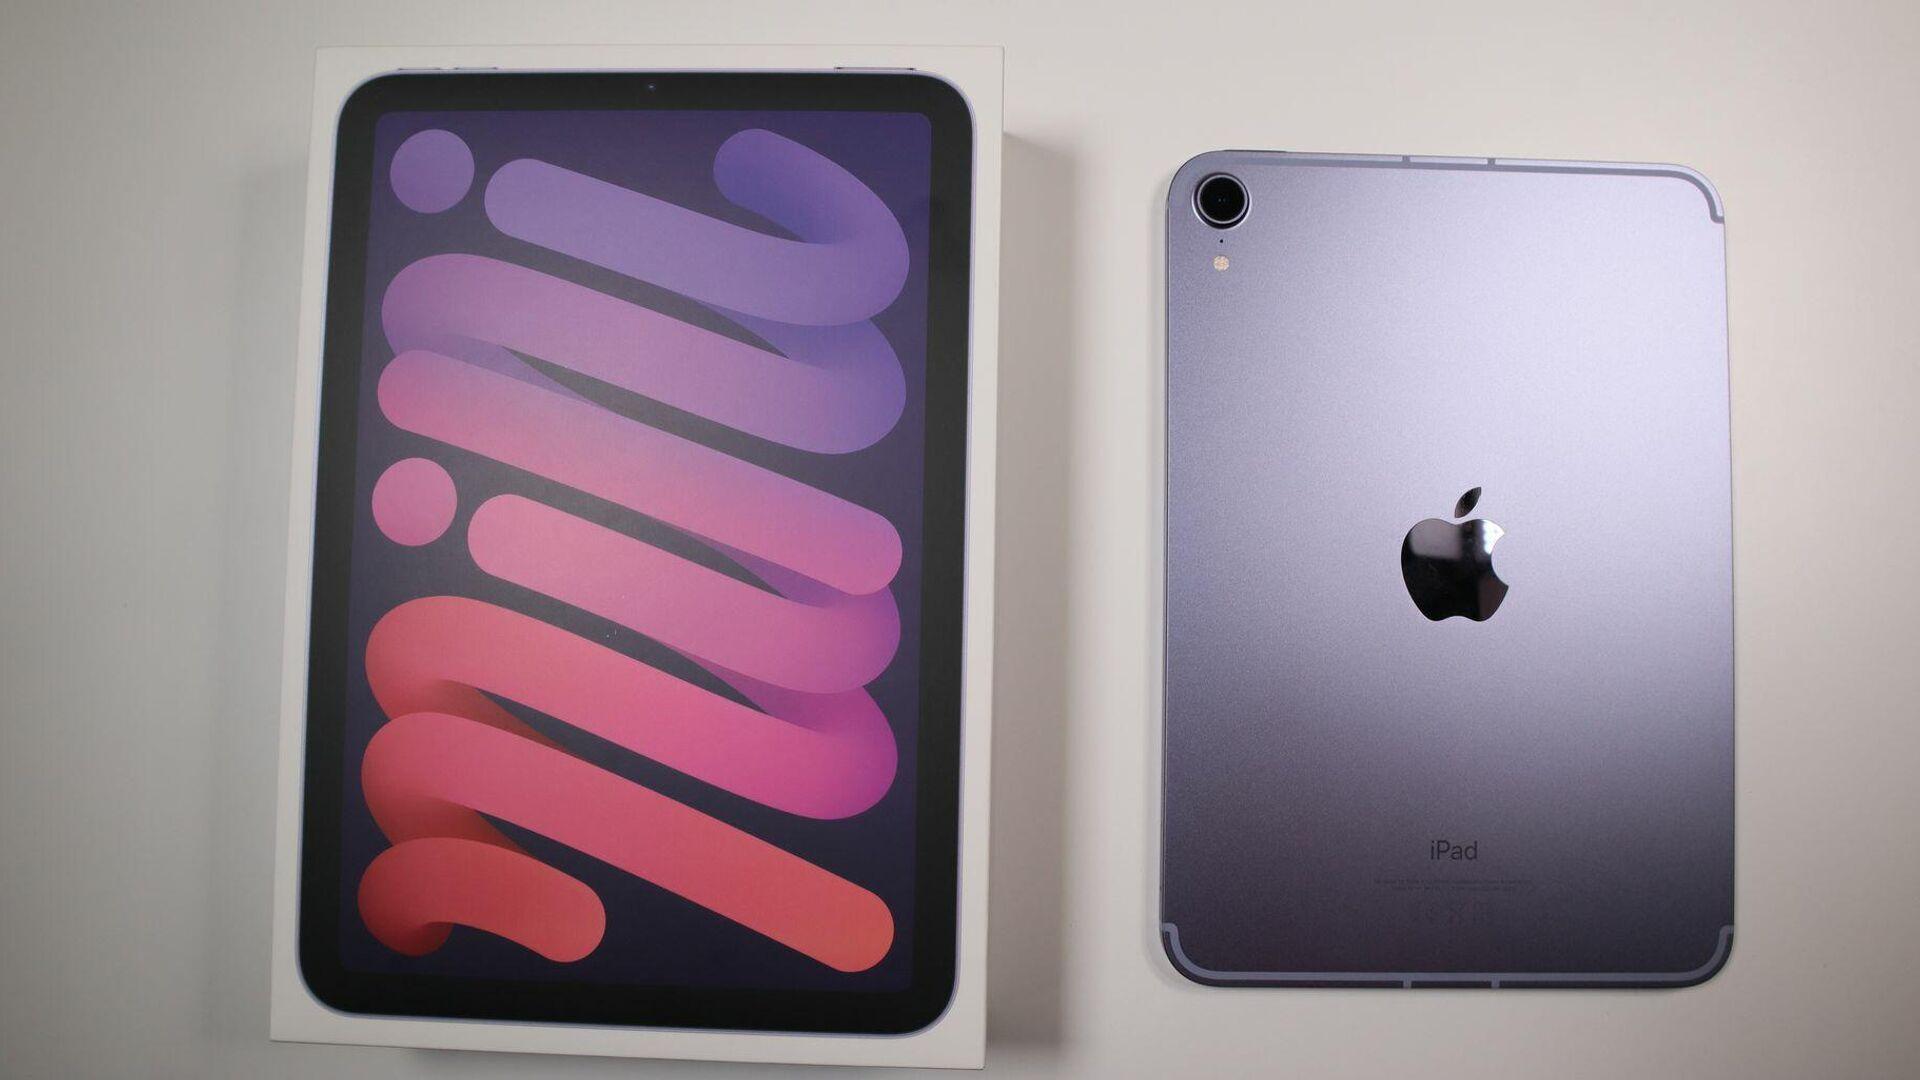 В новом iPad mini обнаружен брак экрана